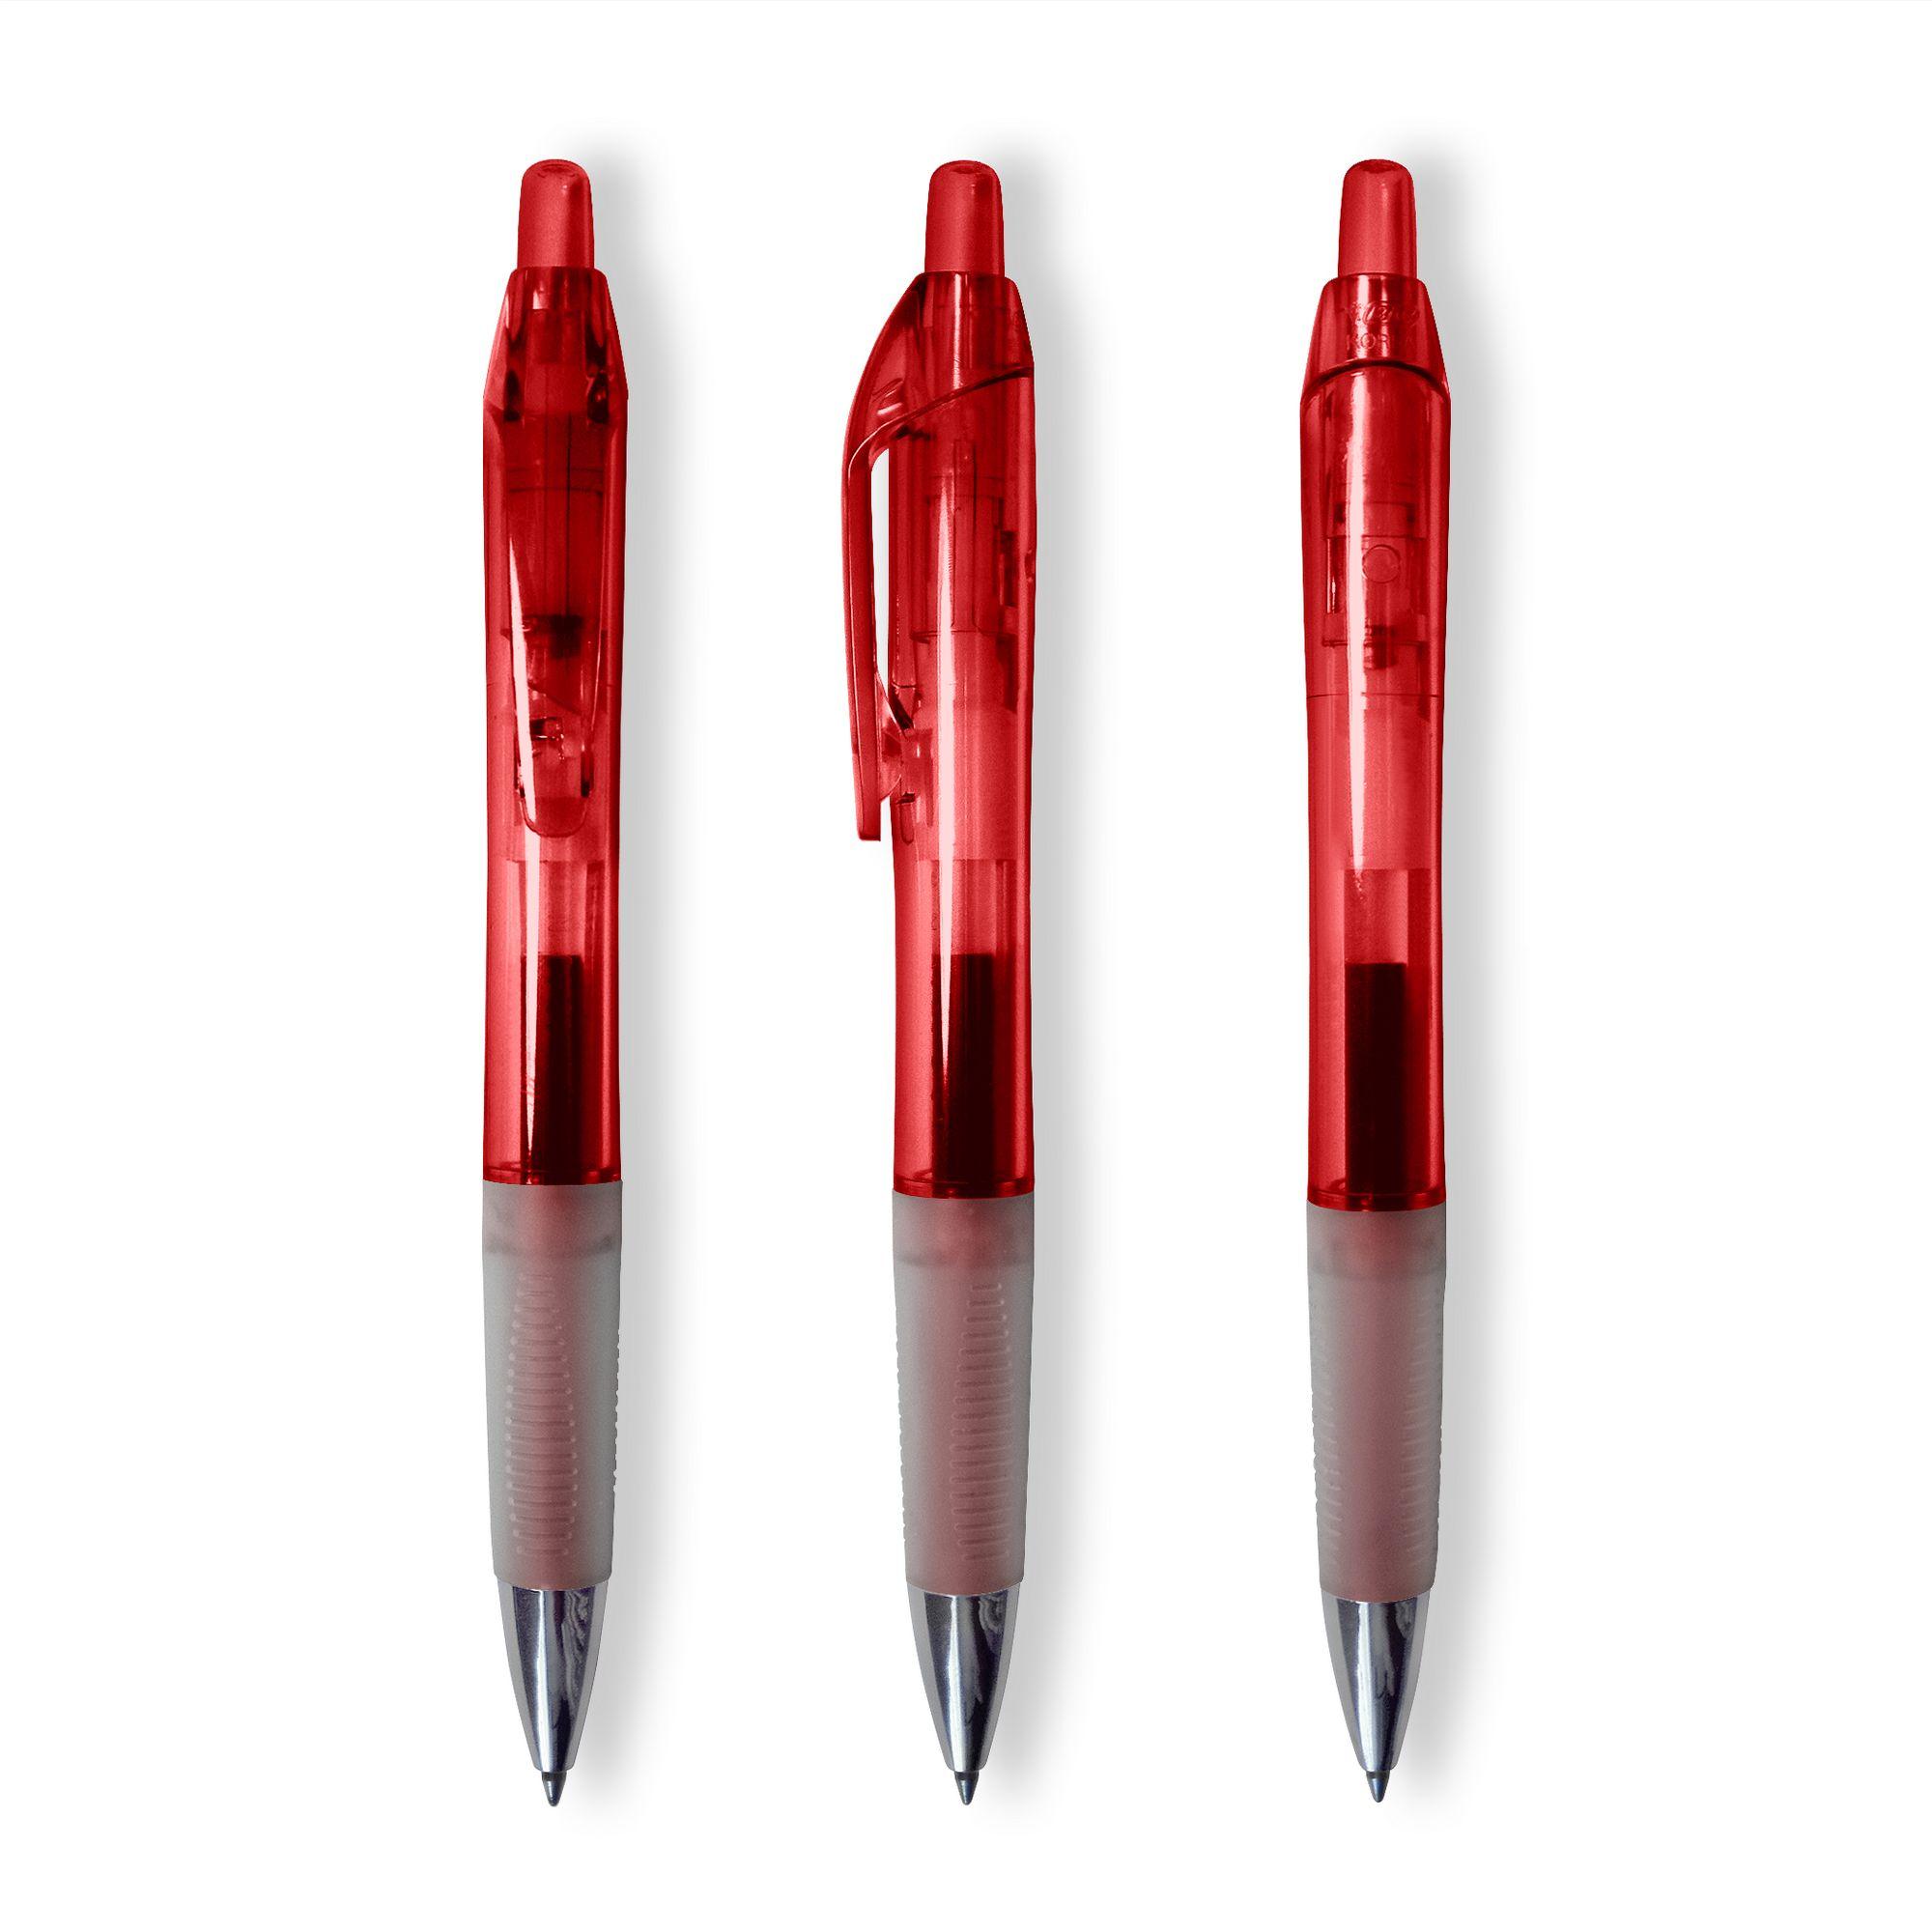 Bic Intensity Clic Gel Pen in Clear Red